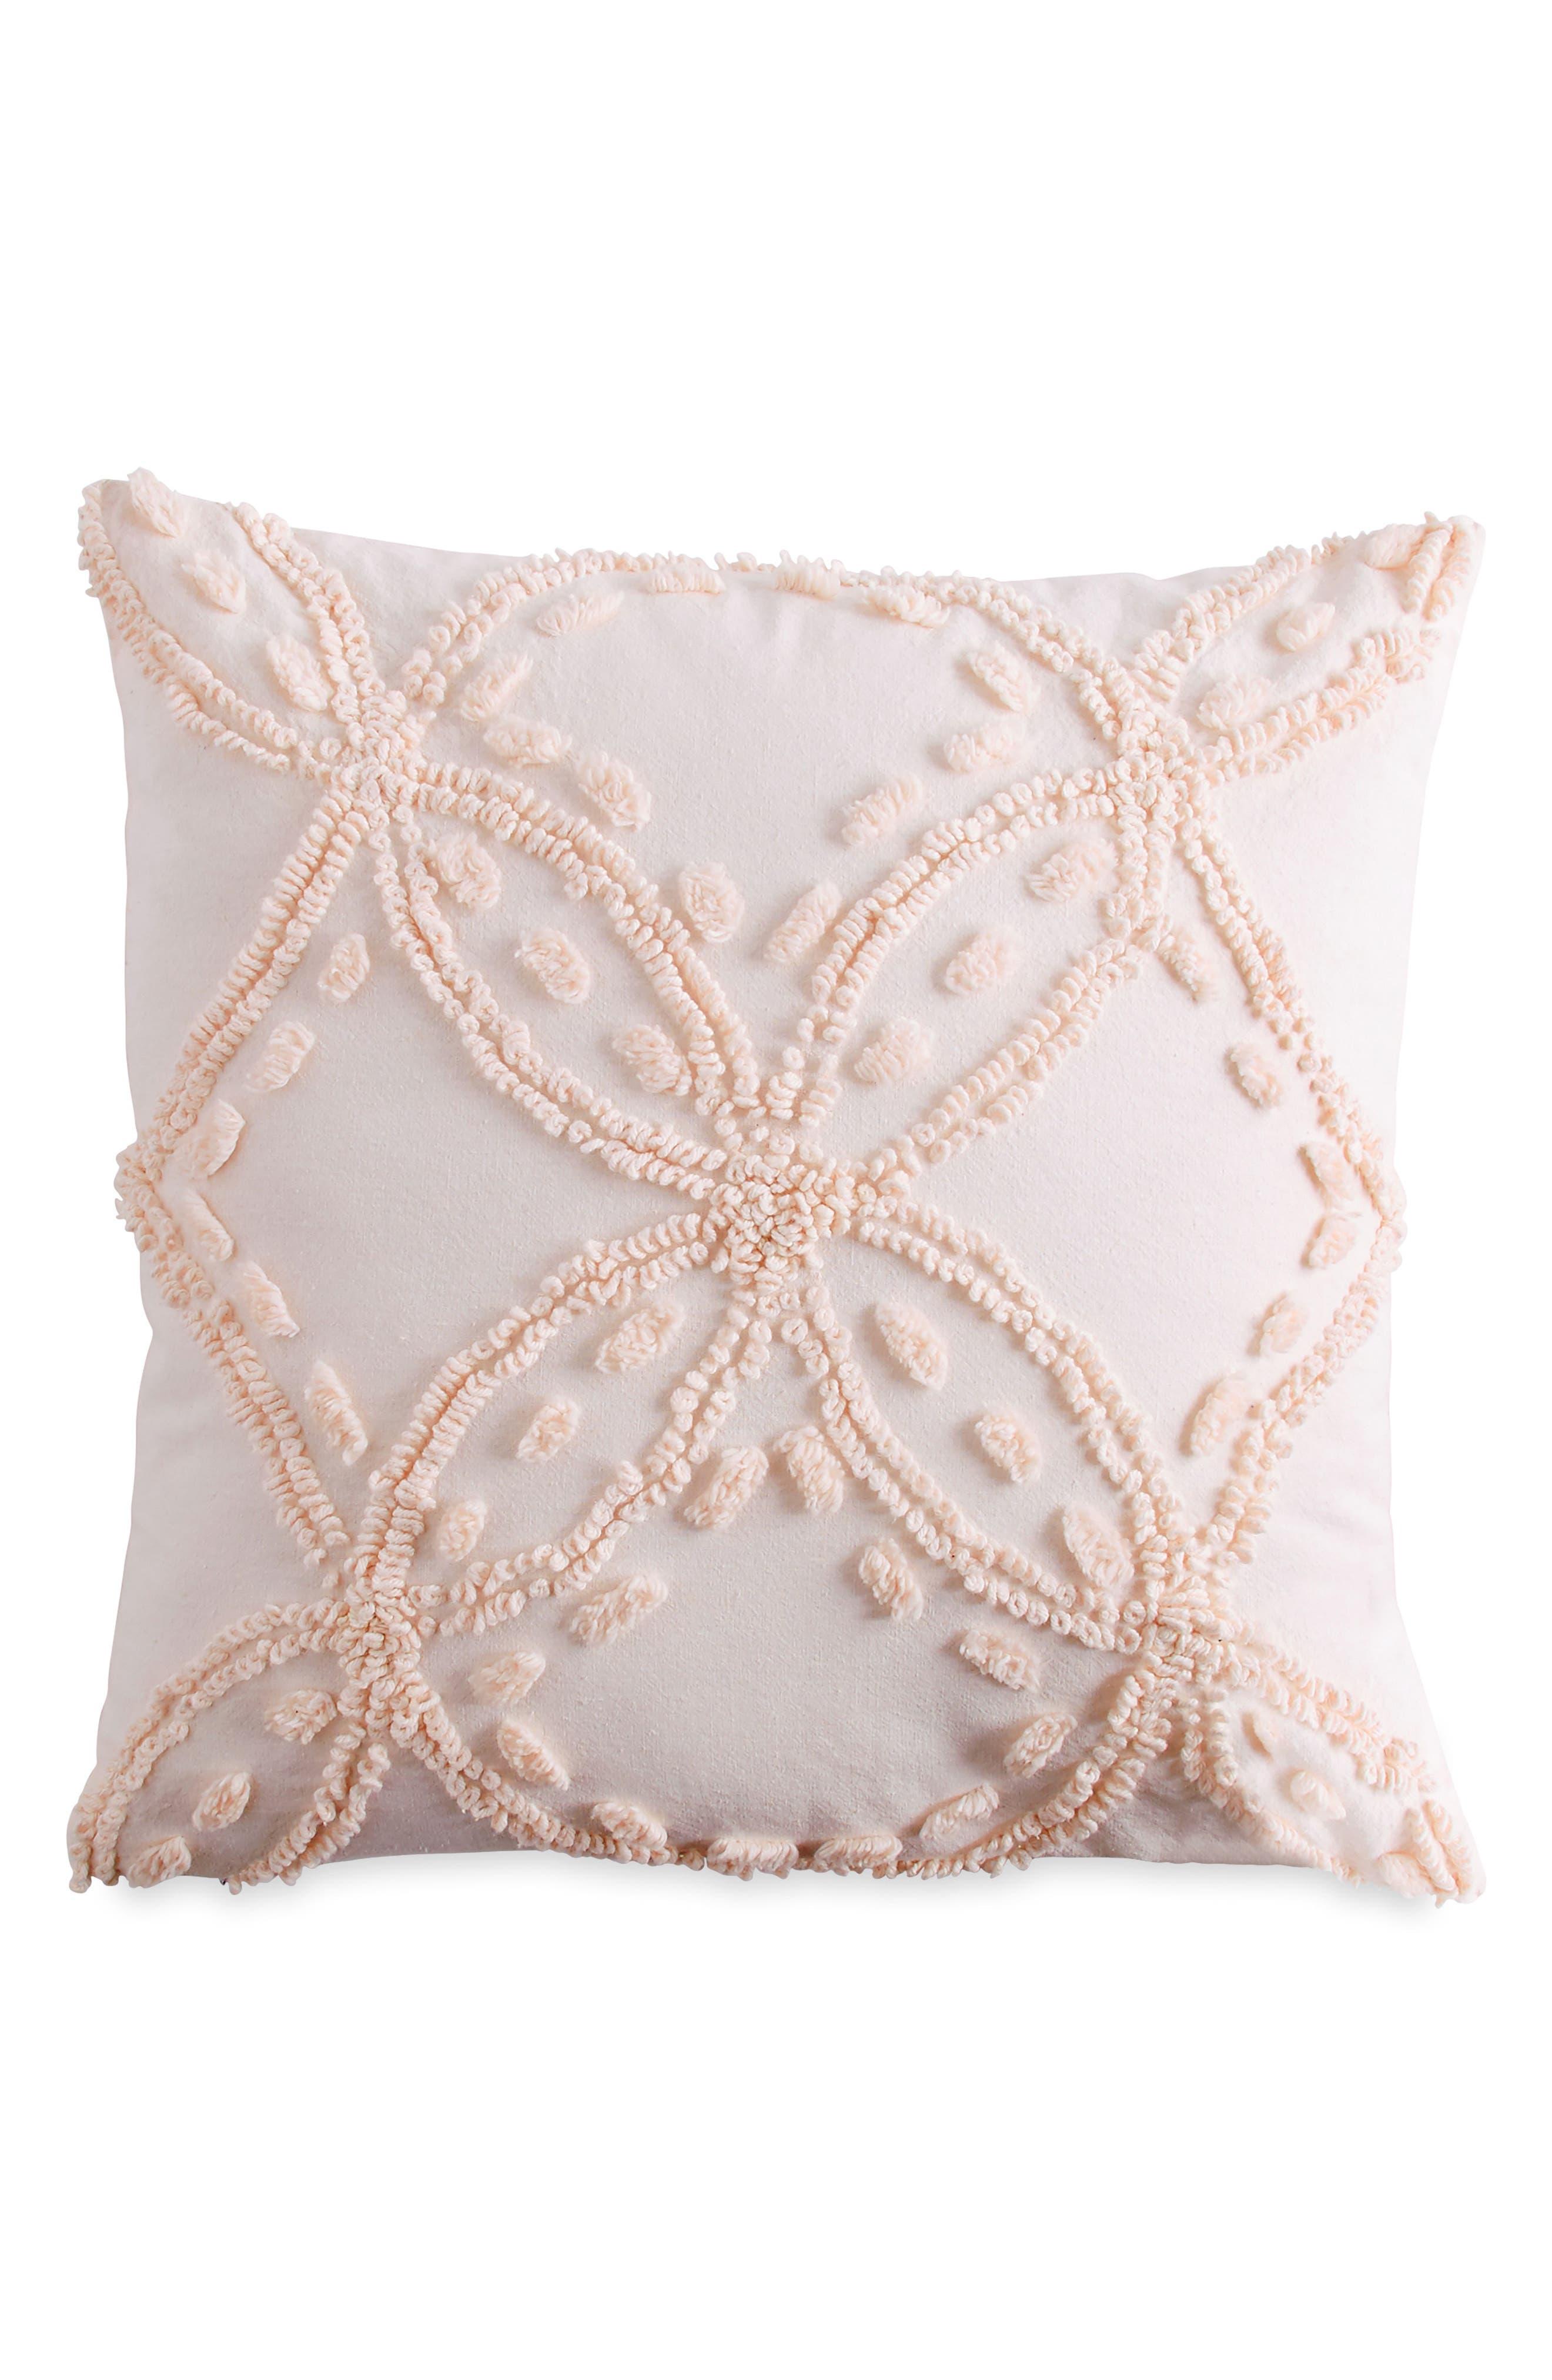 Peri Home Chenille Pillow